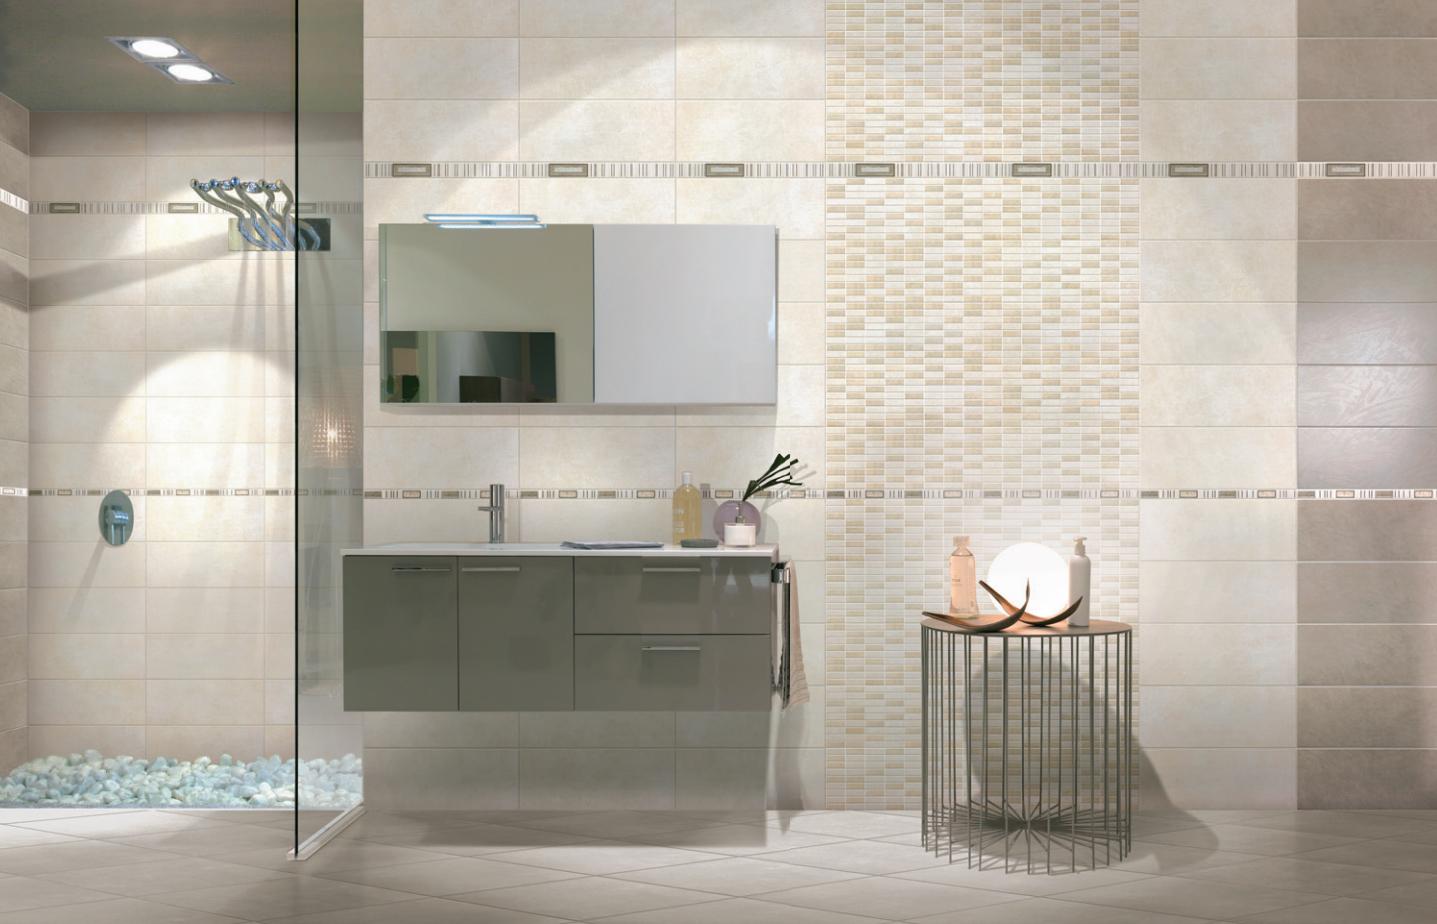 Piastrelle ceramica pavimento rivestimento bagno moderno - Piastrelle per bagni moderni ...